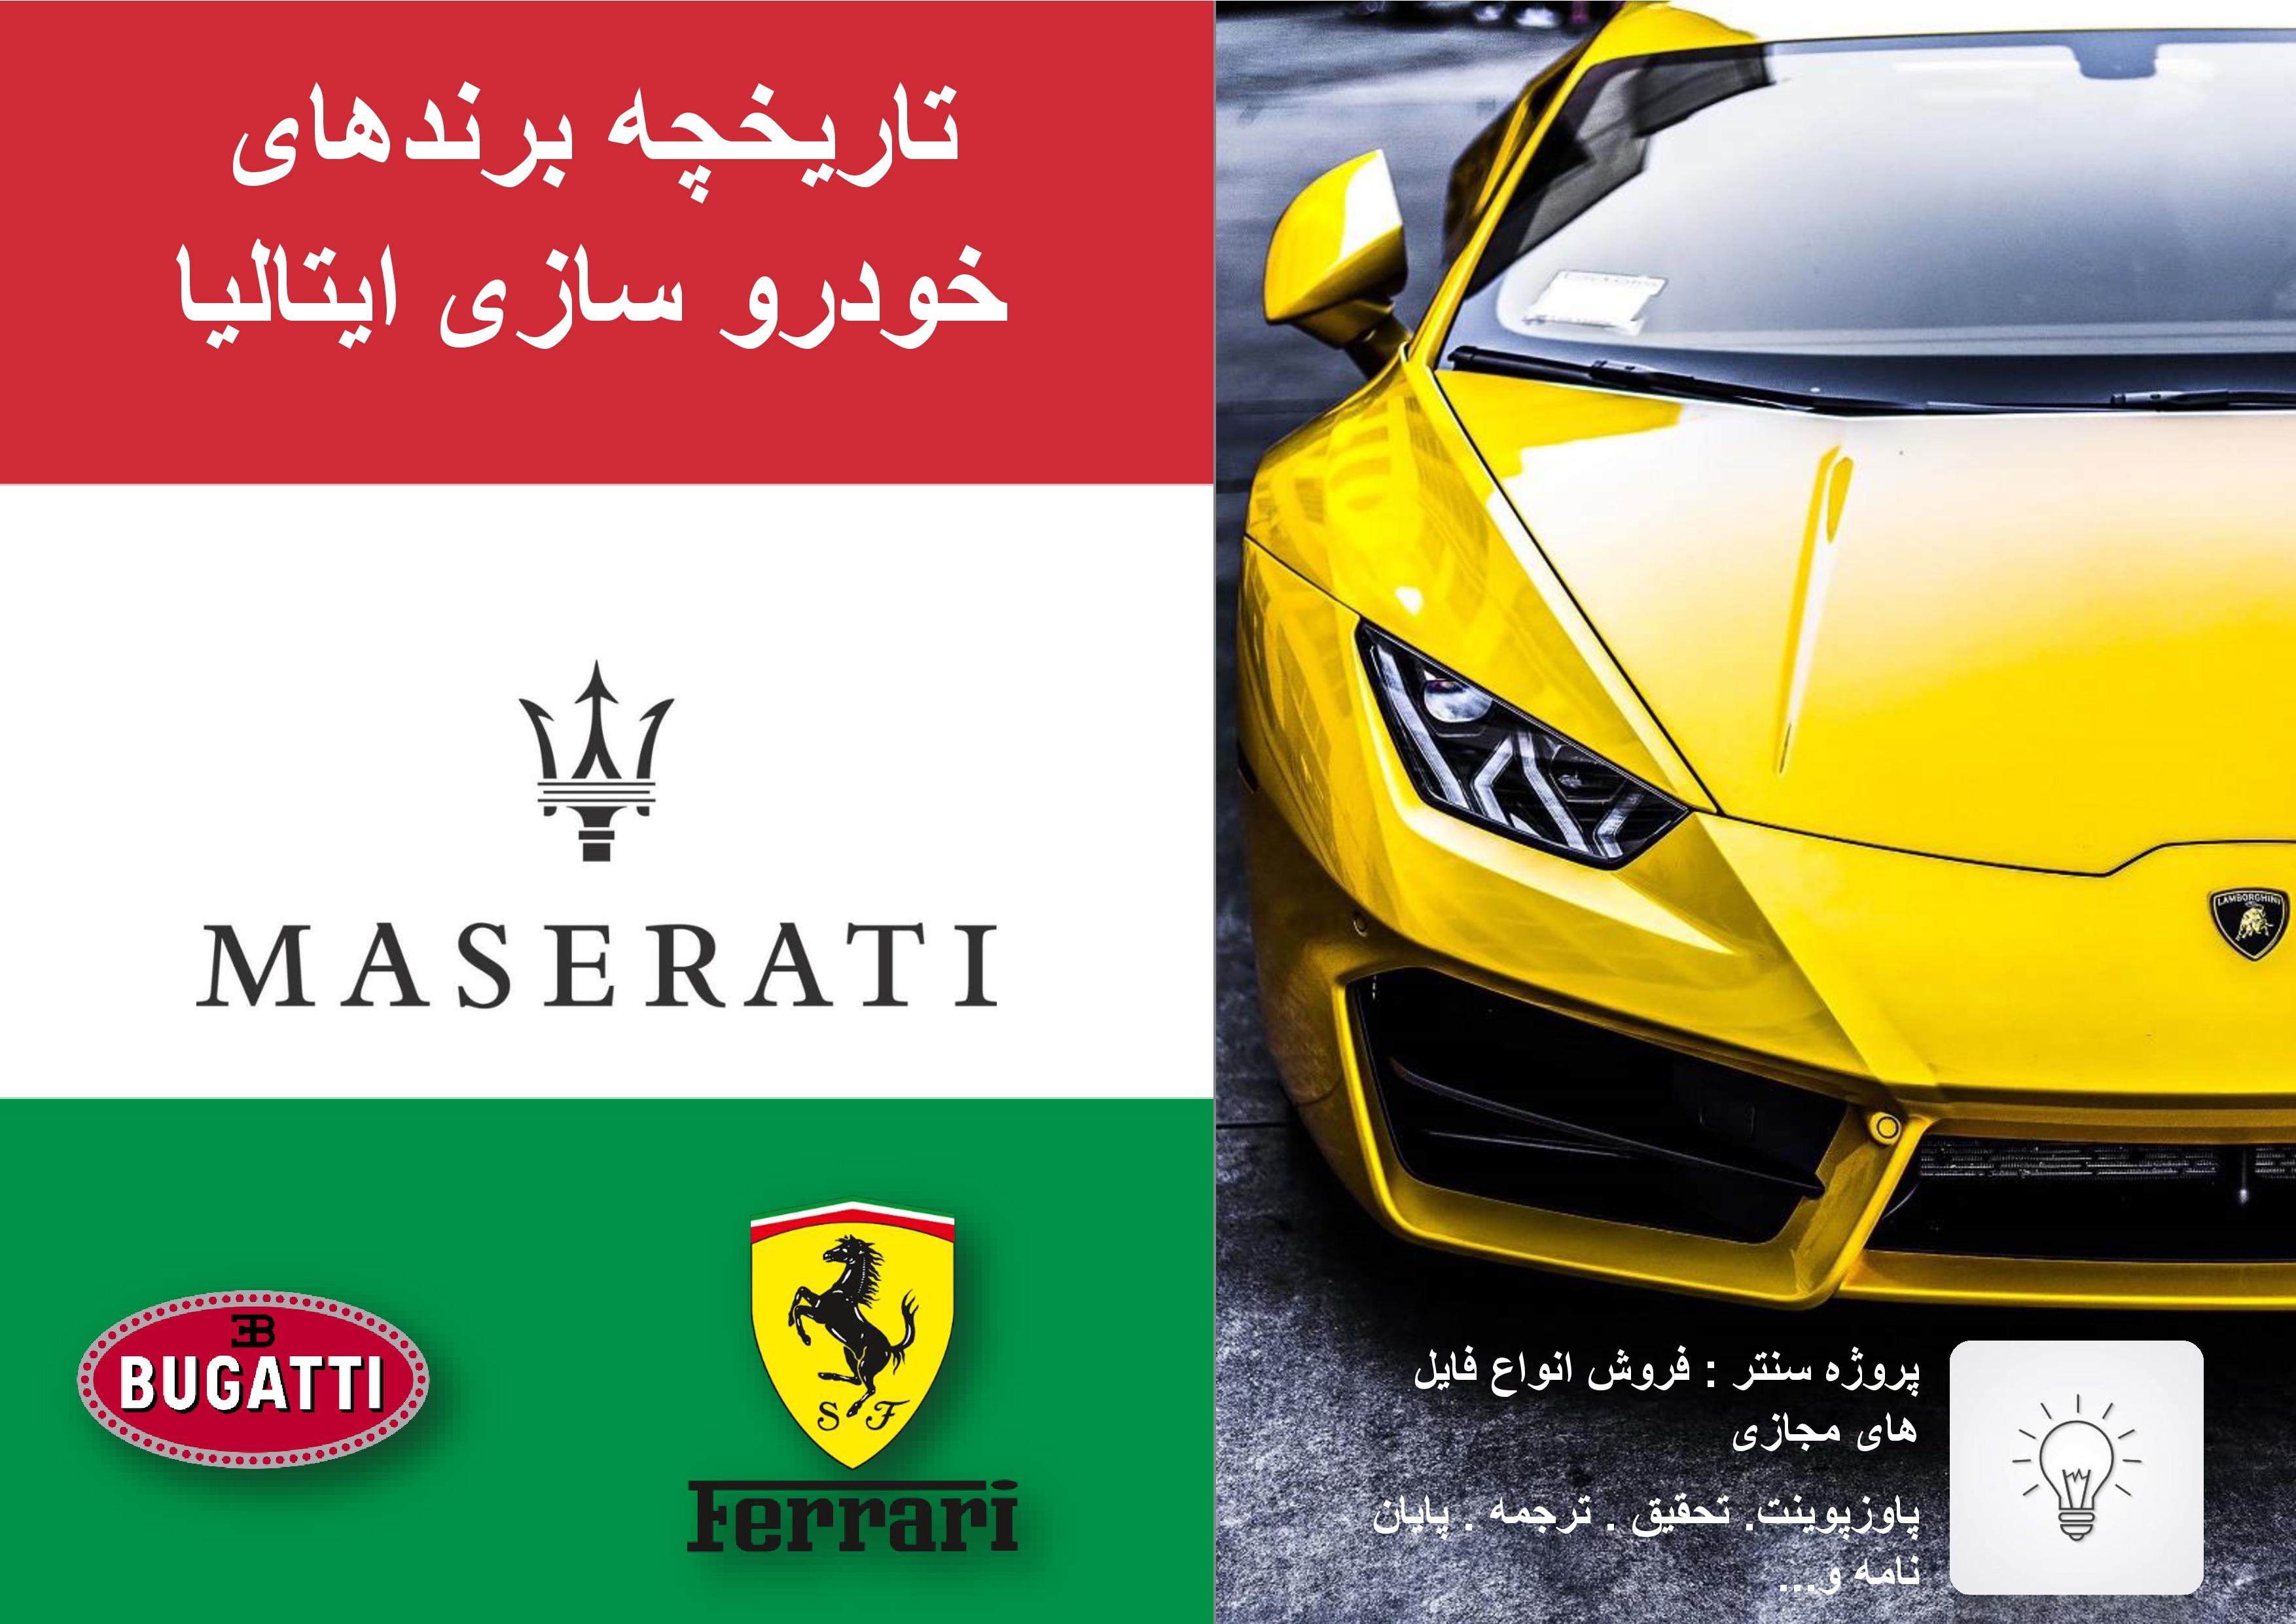 پاورپوینت تاریخچه برندهای خودروسازی ایتالیا